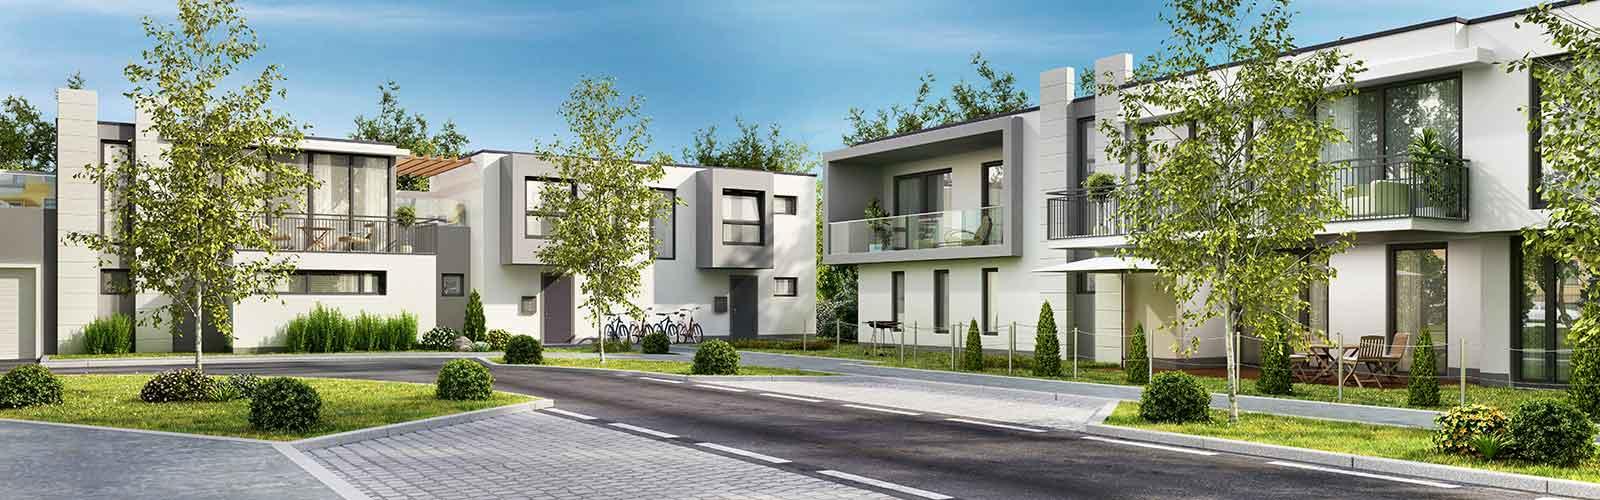 3D-Modellierung einer Neubausiedlung